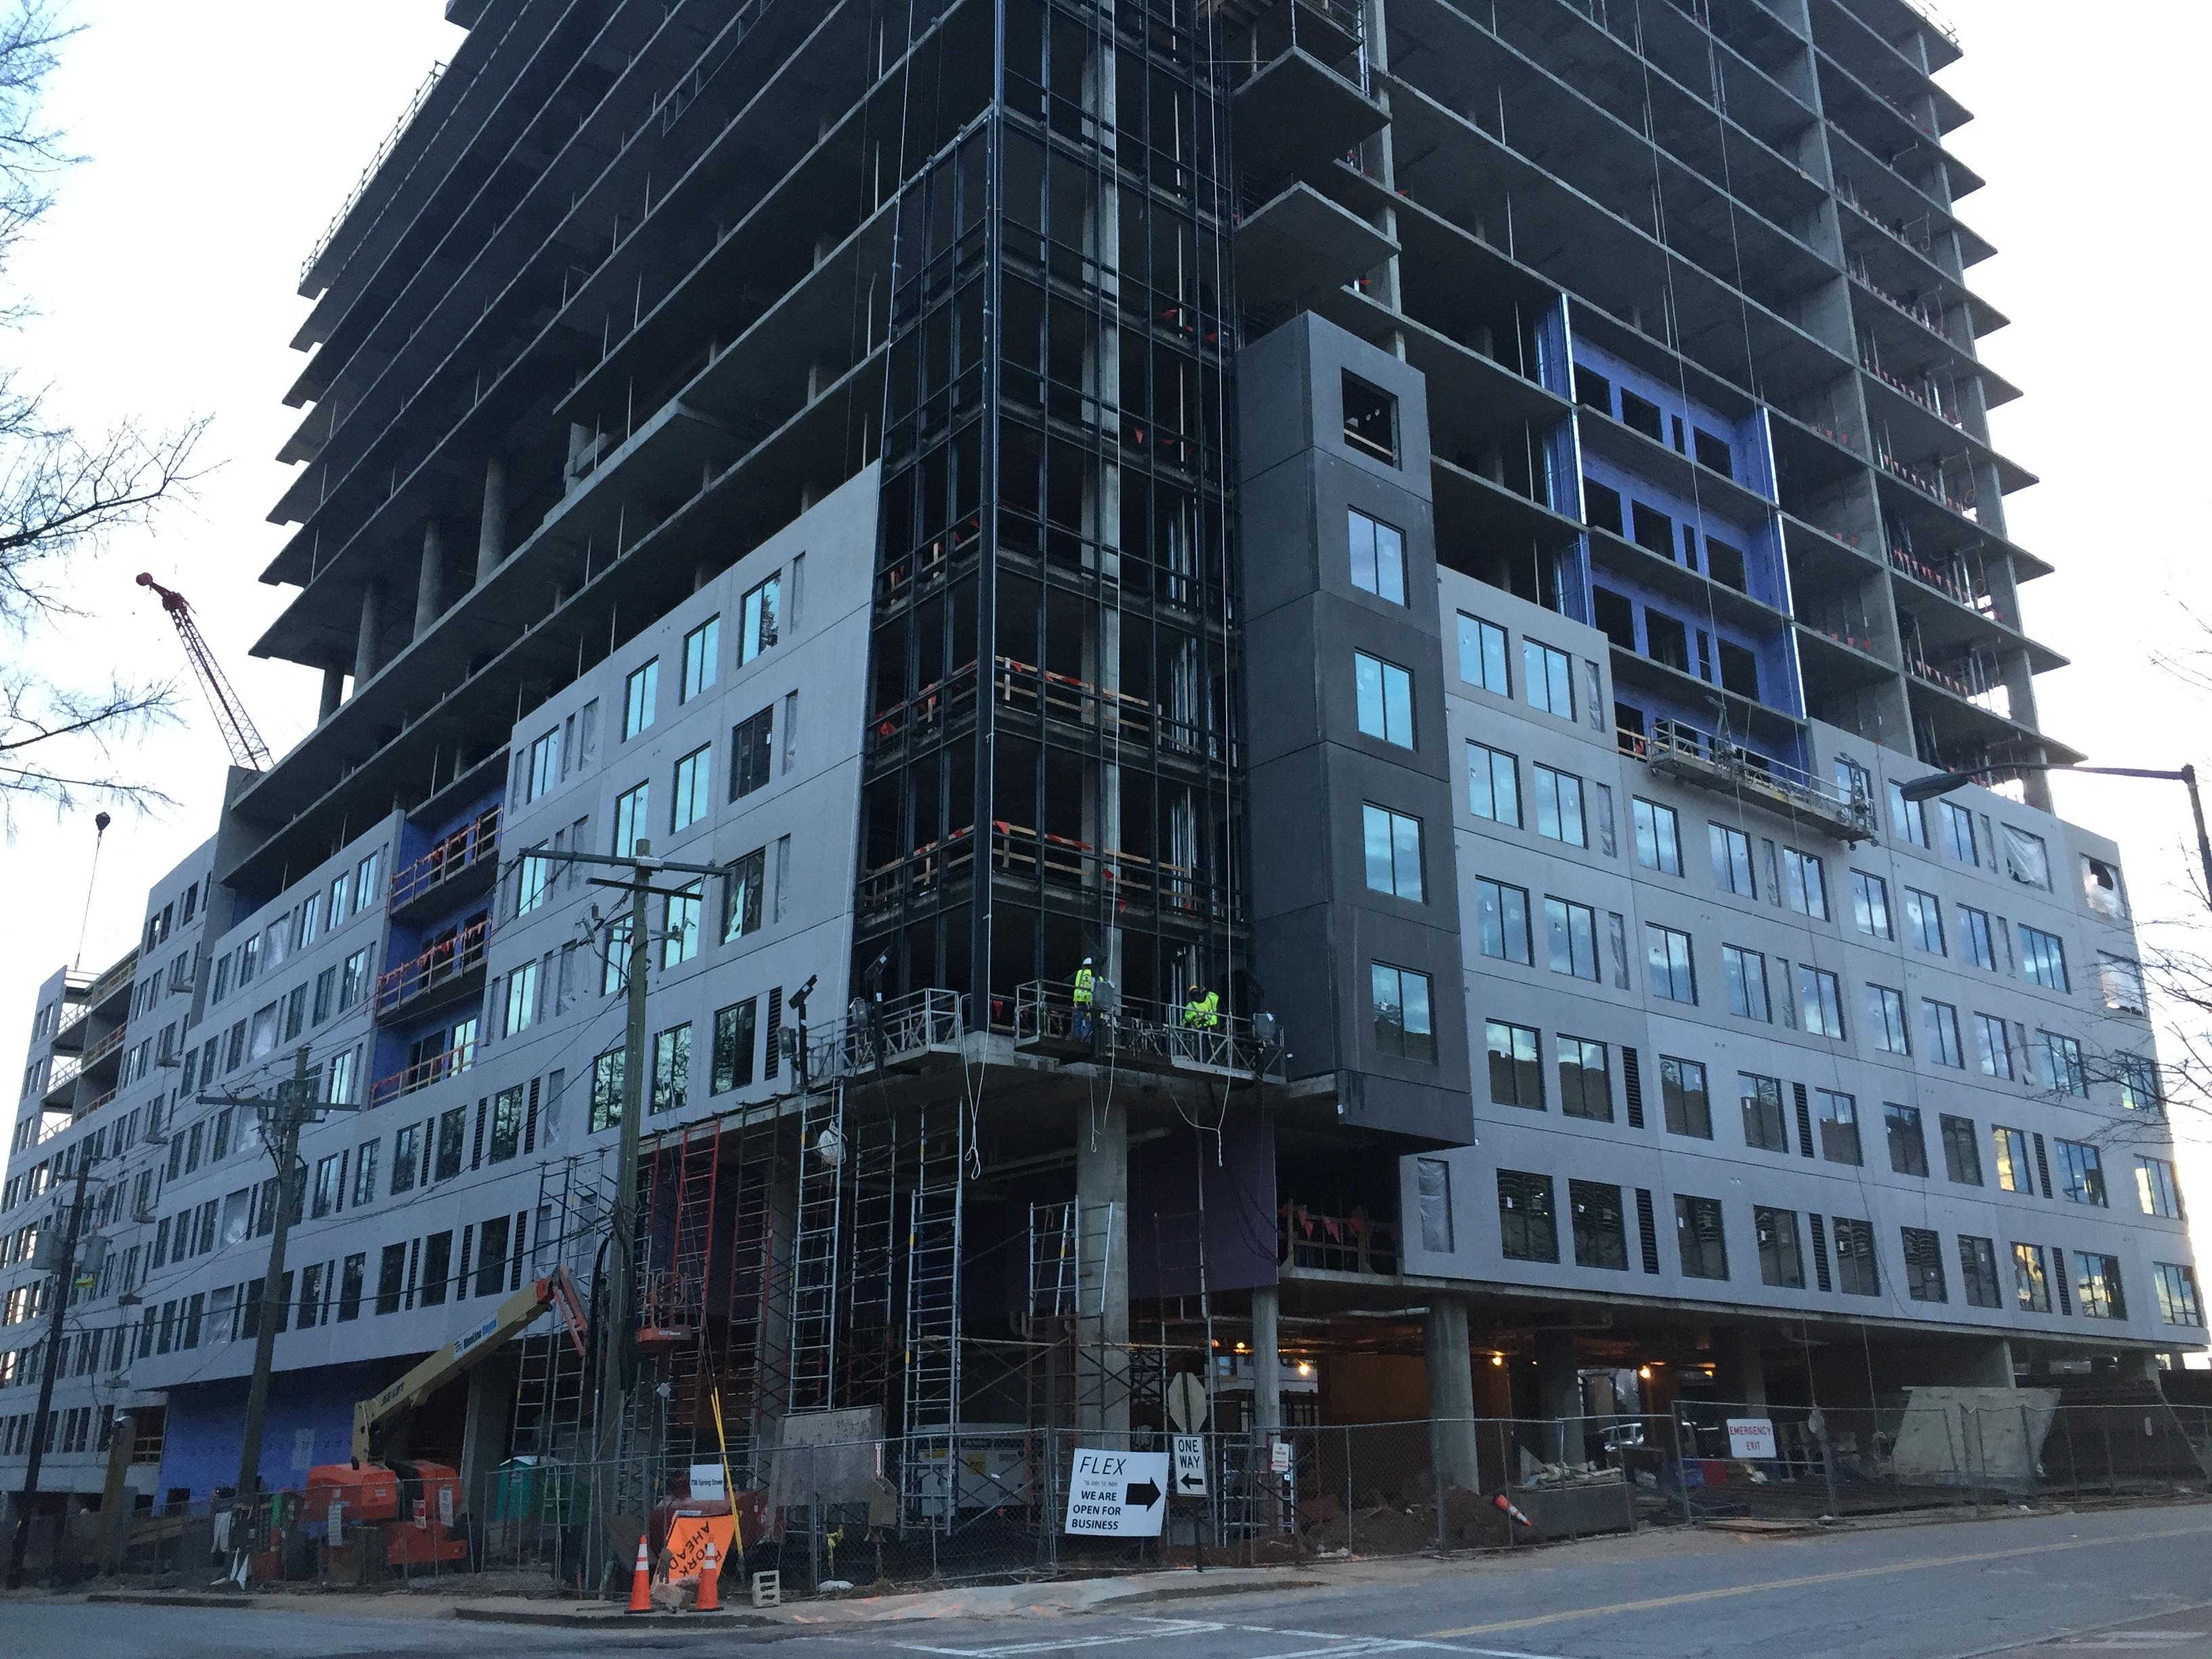 Precast concrete facade panels to seven stories on a concrete building.